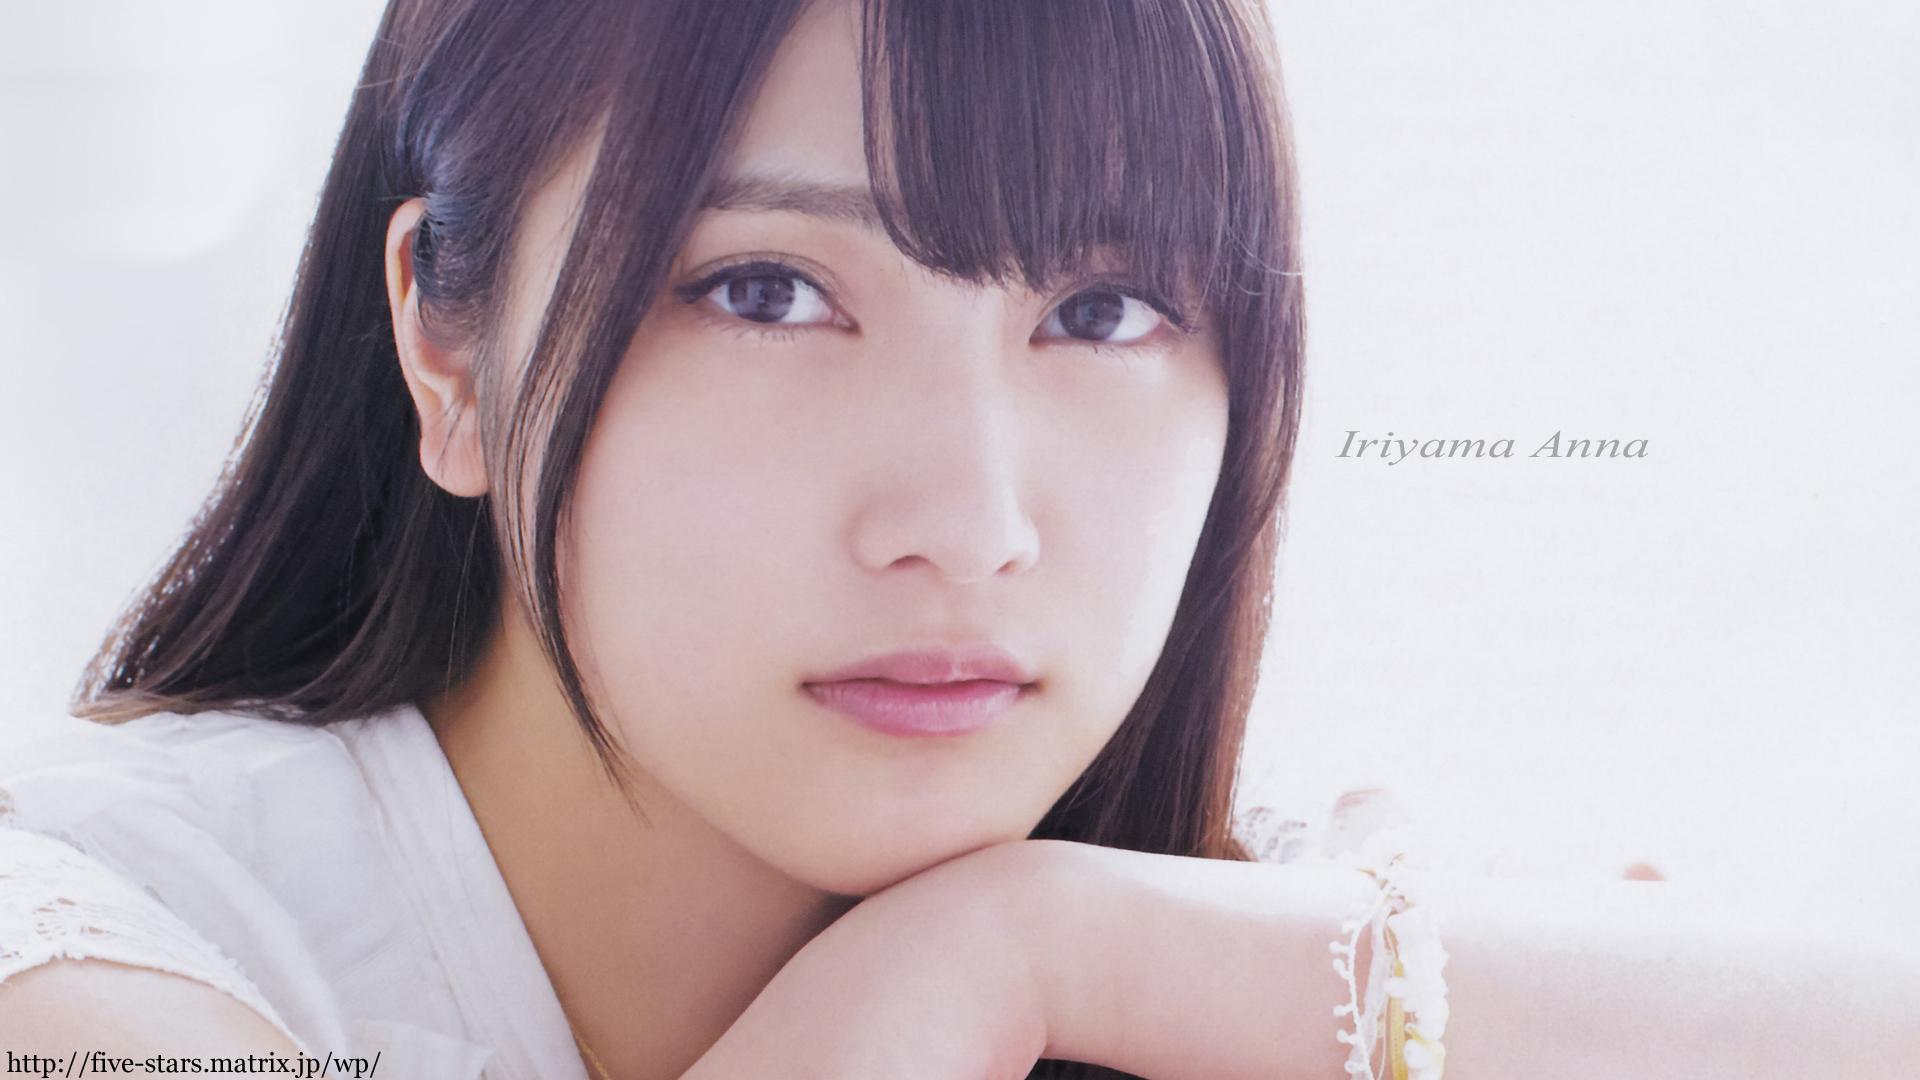 入山杏奈 AKB48壁紙 画像 入山 ... : 2015 卓上カレンダー 無料 : カレンダー